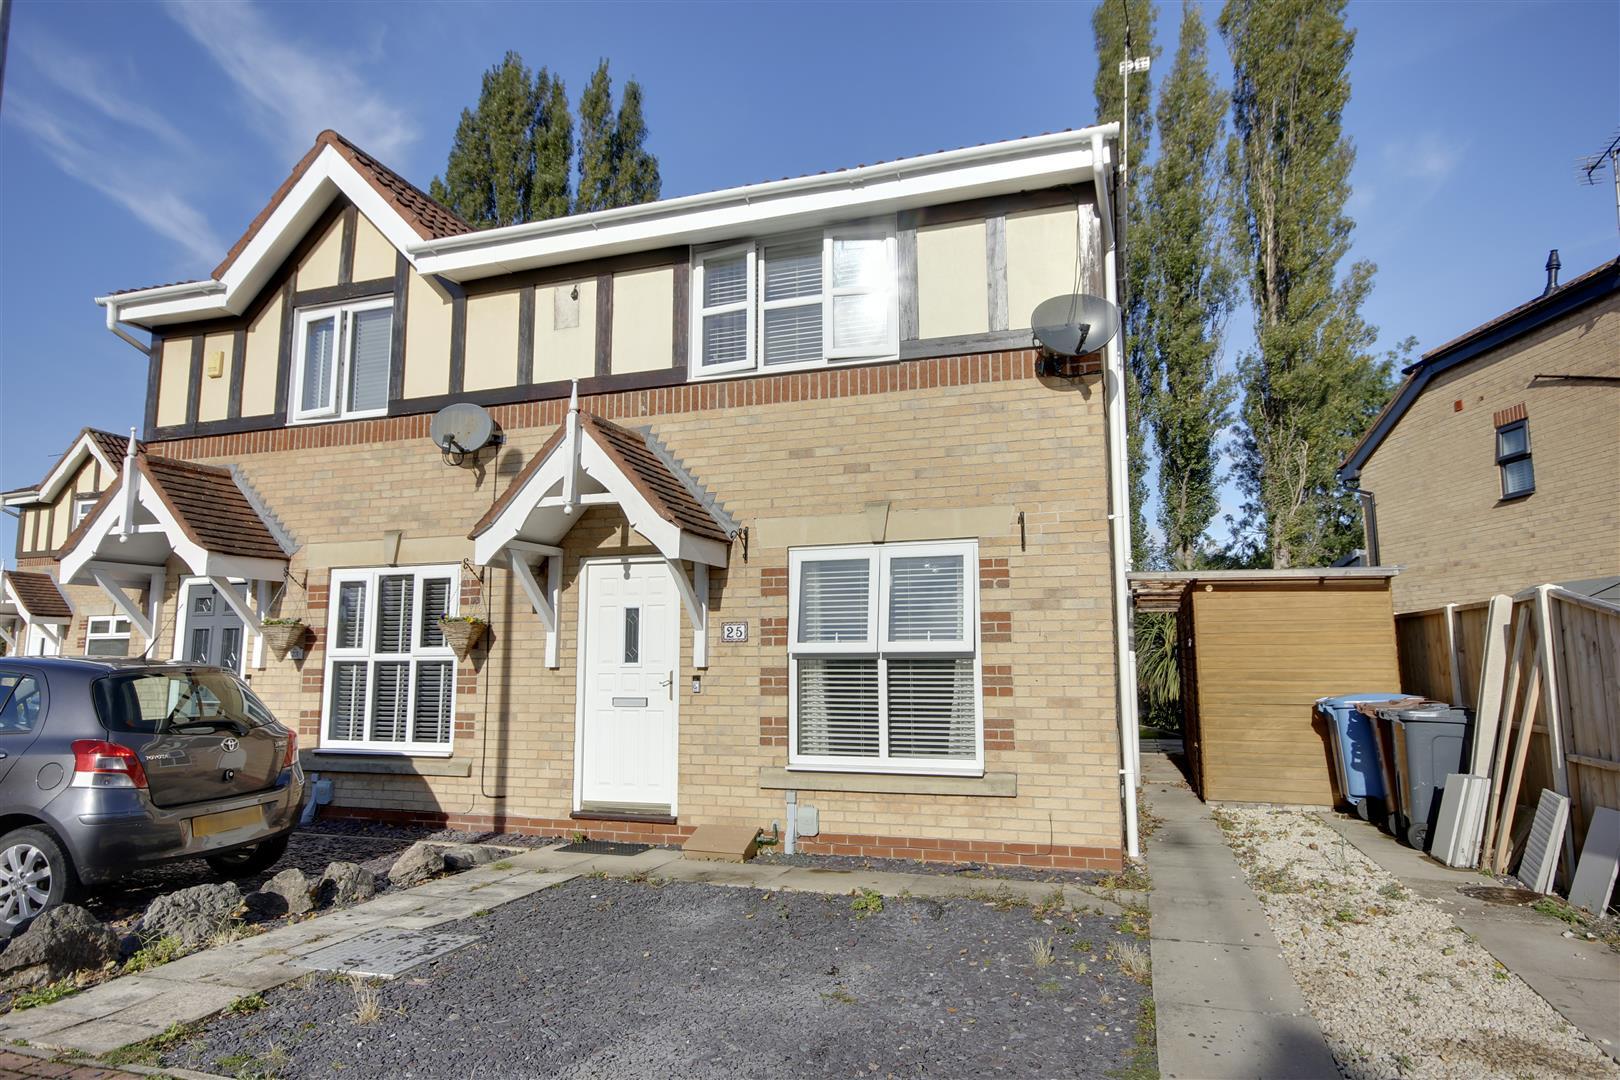 25 Bermondsey Drive, Hull, 25, HU5 5EH